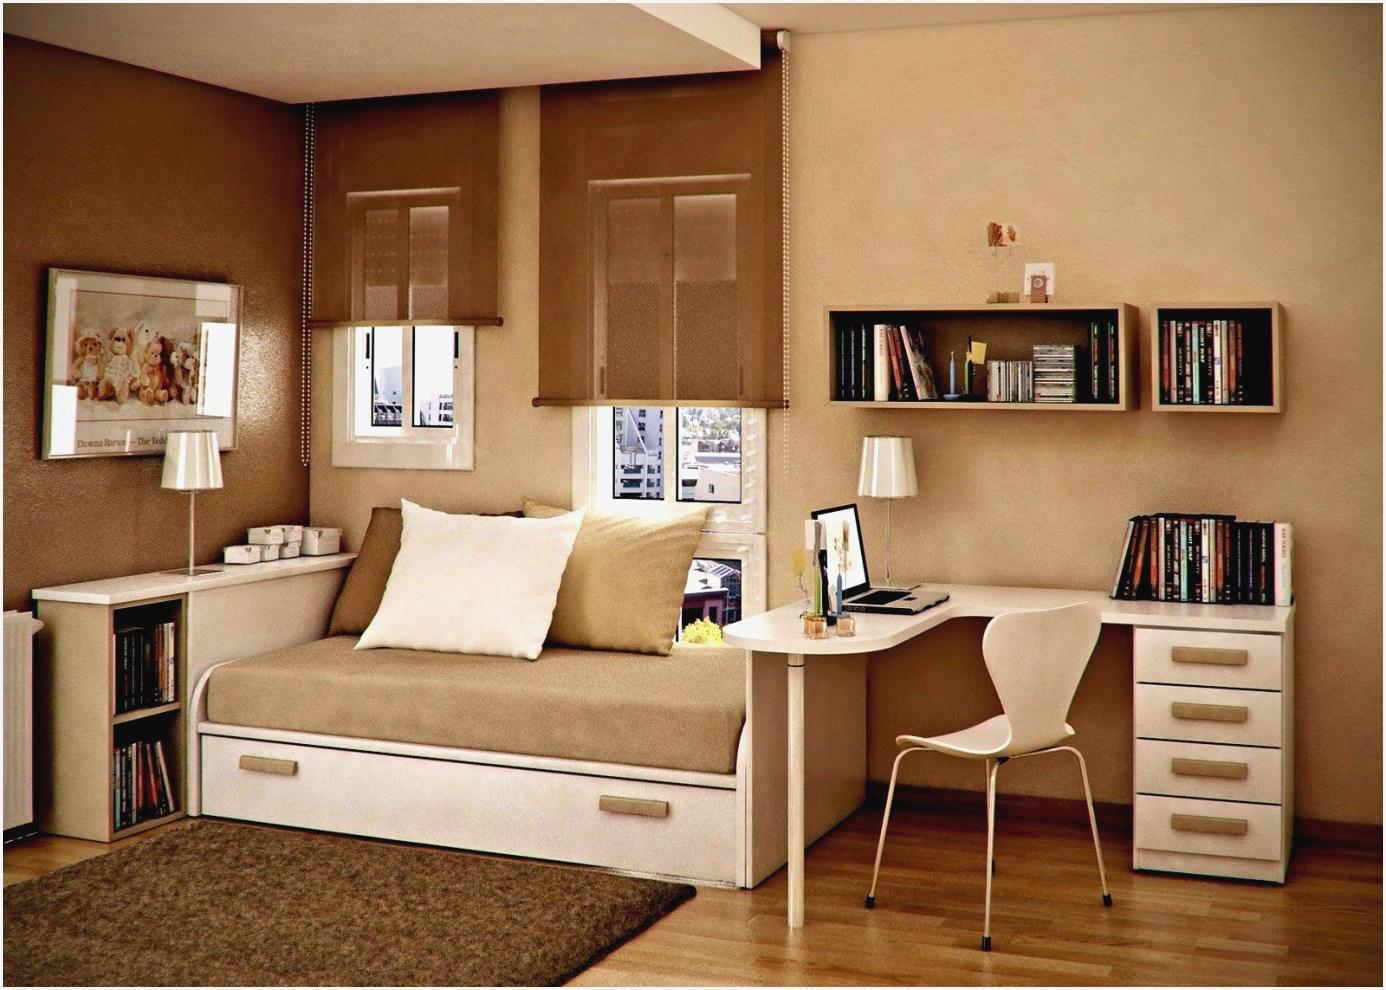 Full Size of Moderne Wandfarben Modernes Bett Deckenleuchte Wohnzimmer Landhausküche Sofa Duschen 180x200 Bilder Fürs Esstische Wohnzimmer Moderne Wandfarben